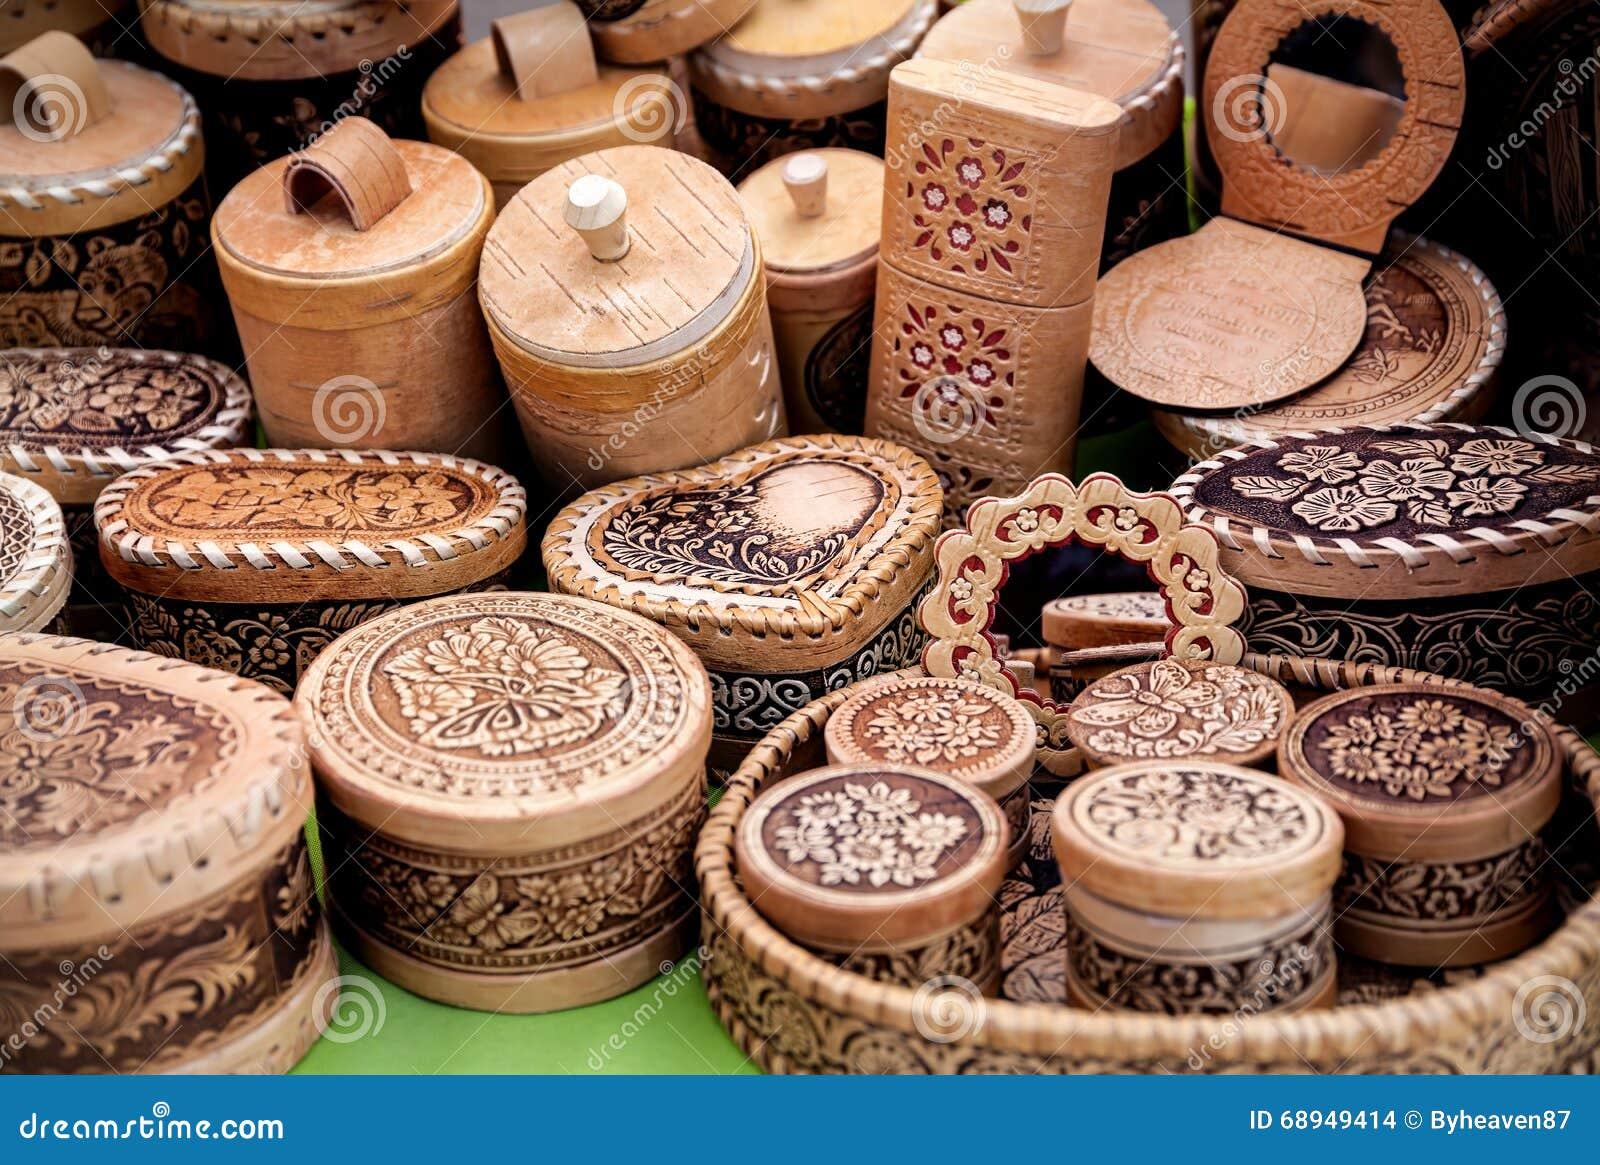 Ustensile en bois au marché